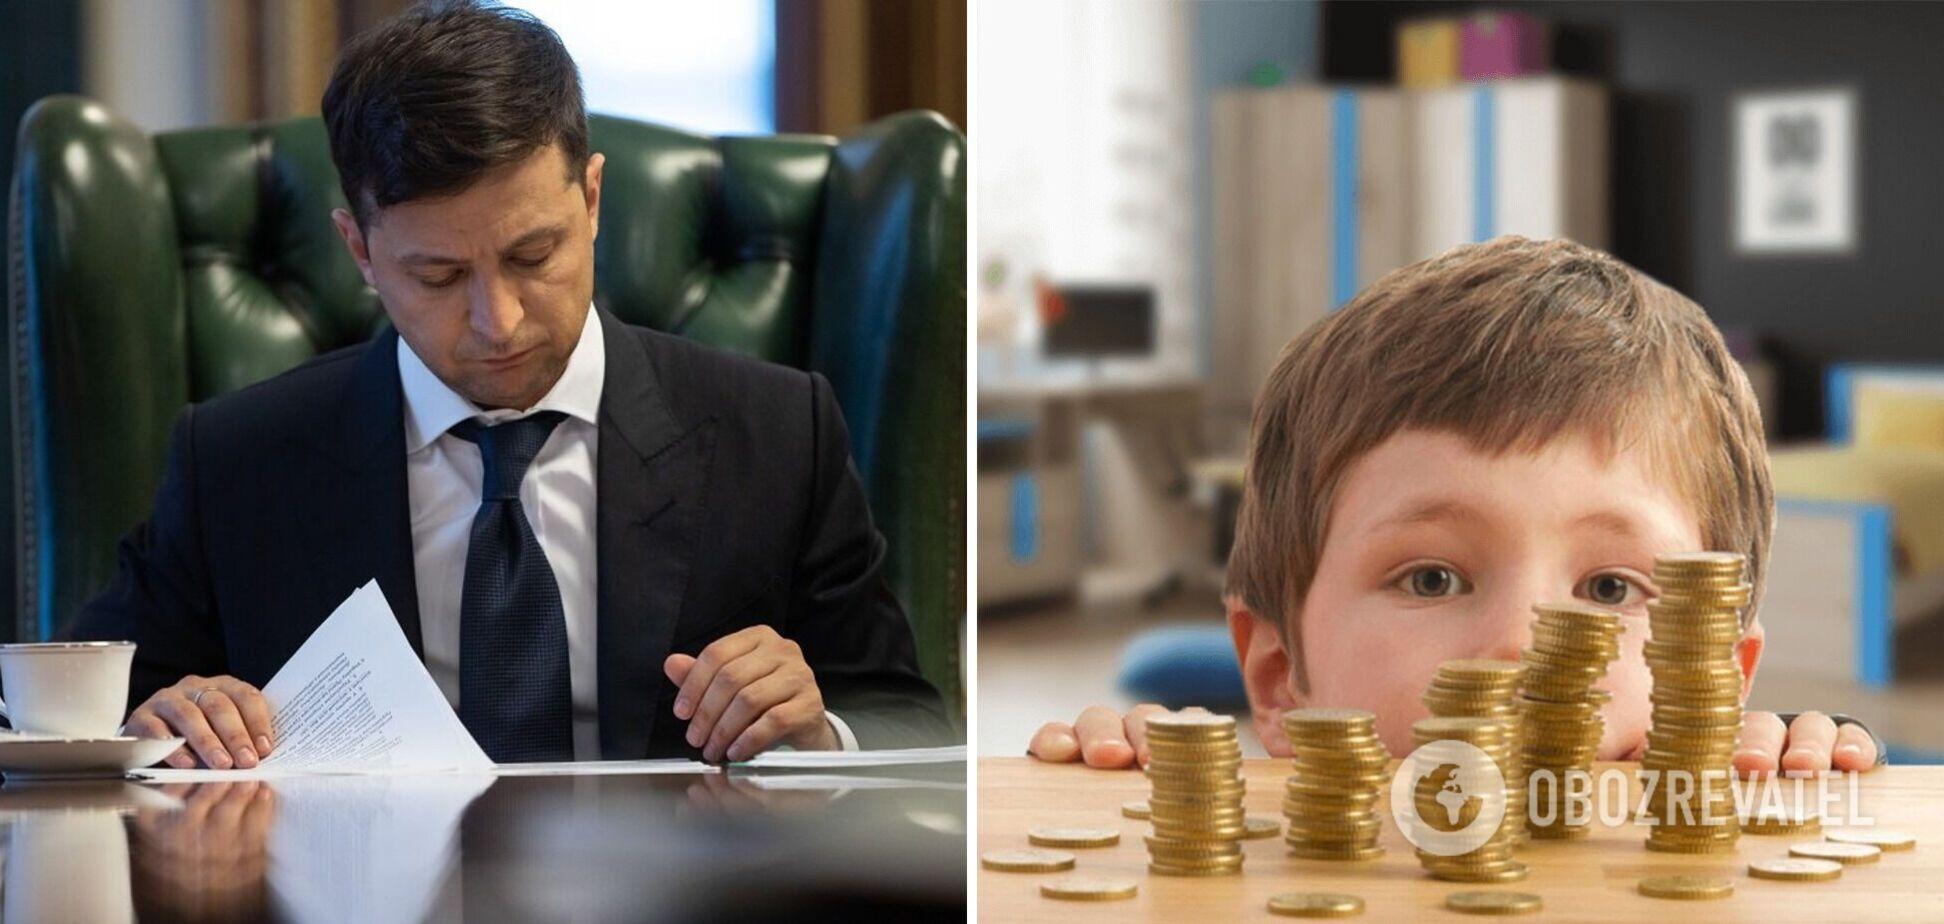 Зеленский увеличил помощь детям: кому и сколько будут платить